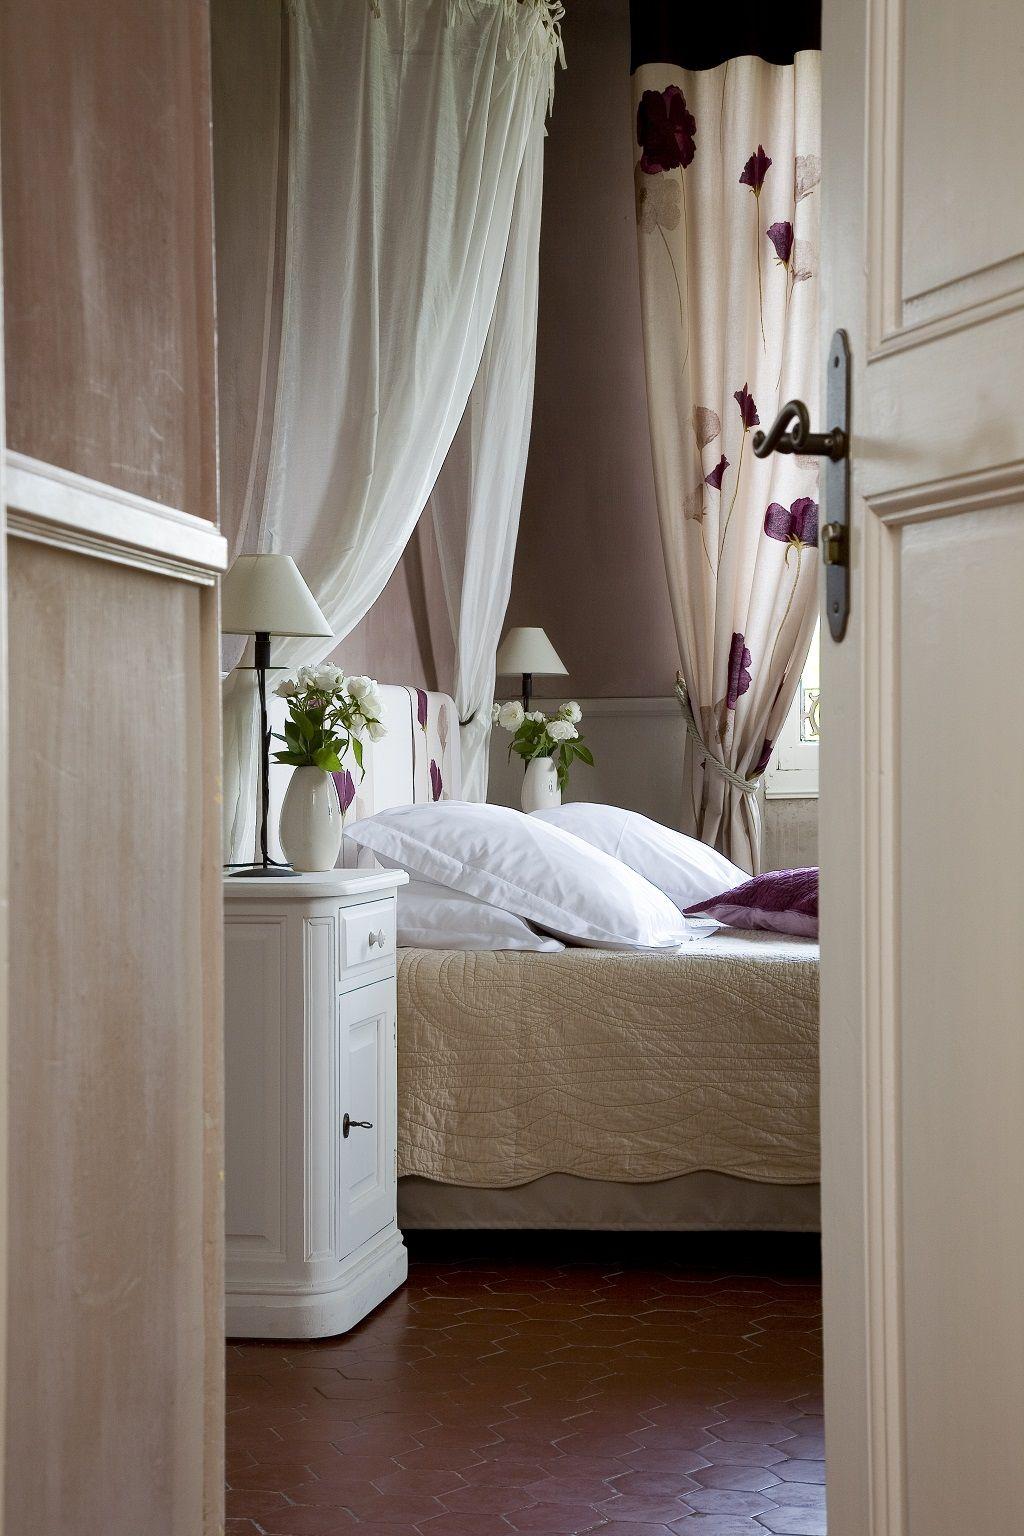 De superbes chambres d 39 h tes spacieuses et raffin es dans - Chambre d hote divonne les bains ...